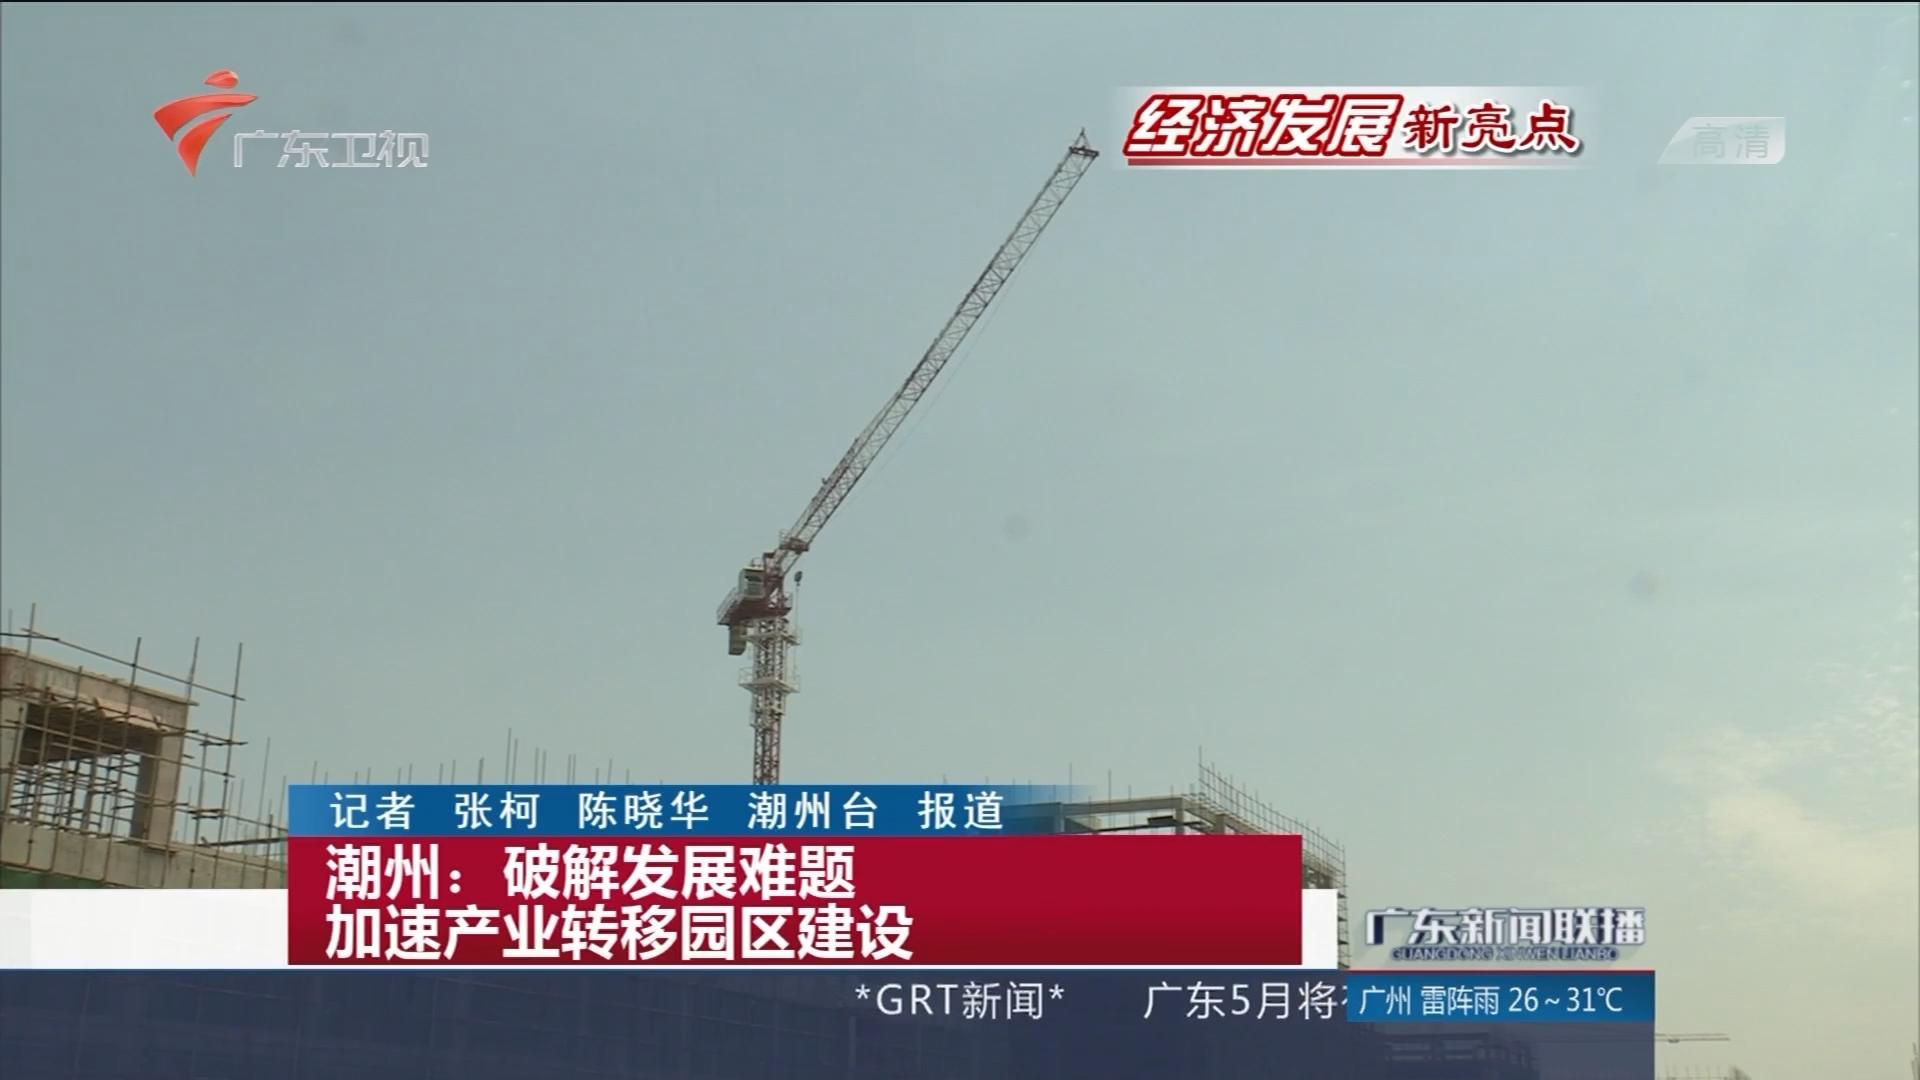 潮州:破解发展难题 加速产业转移园区建设